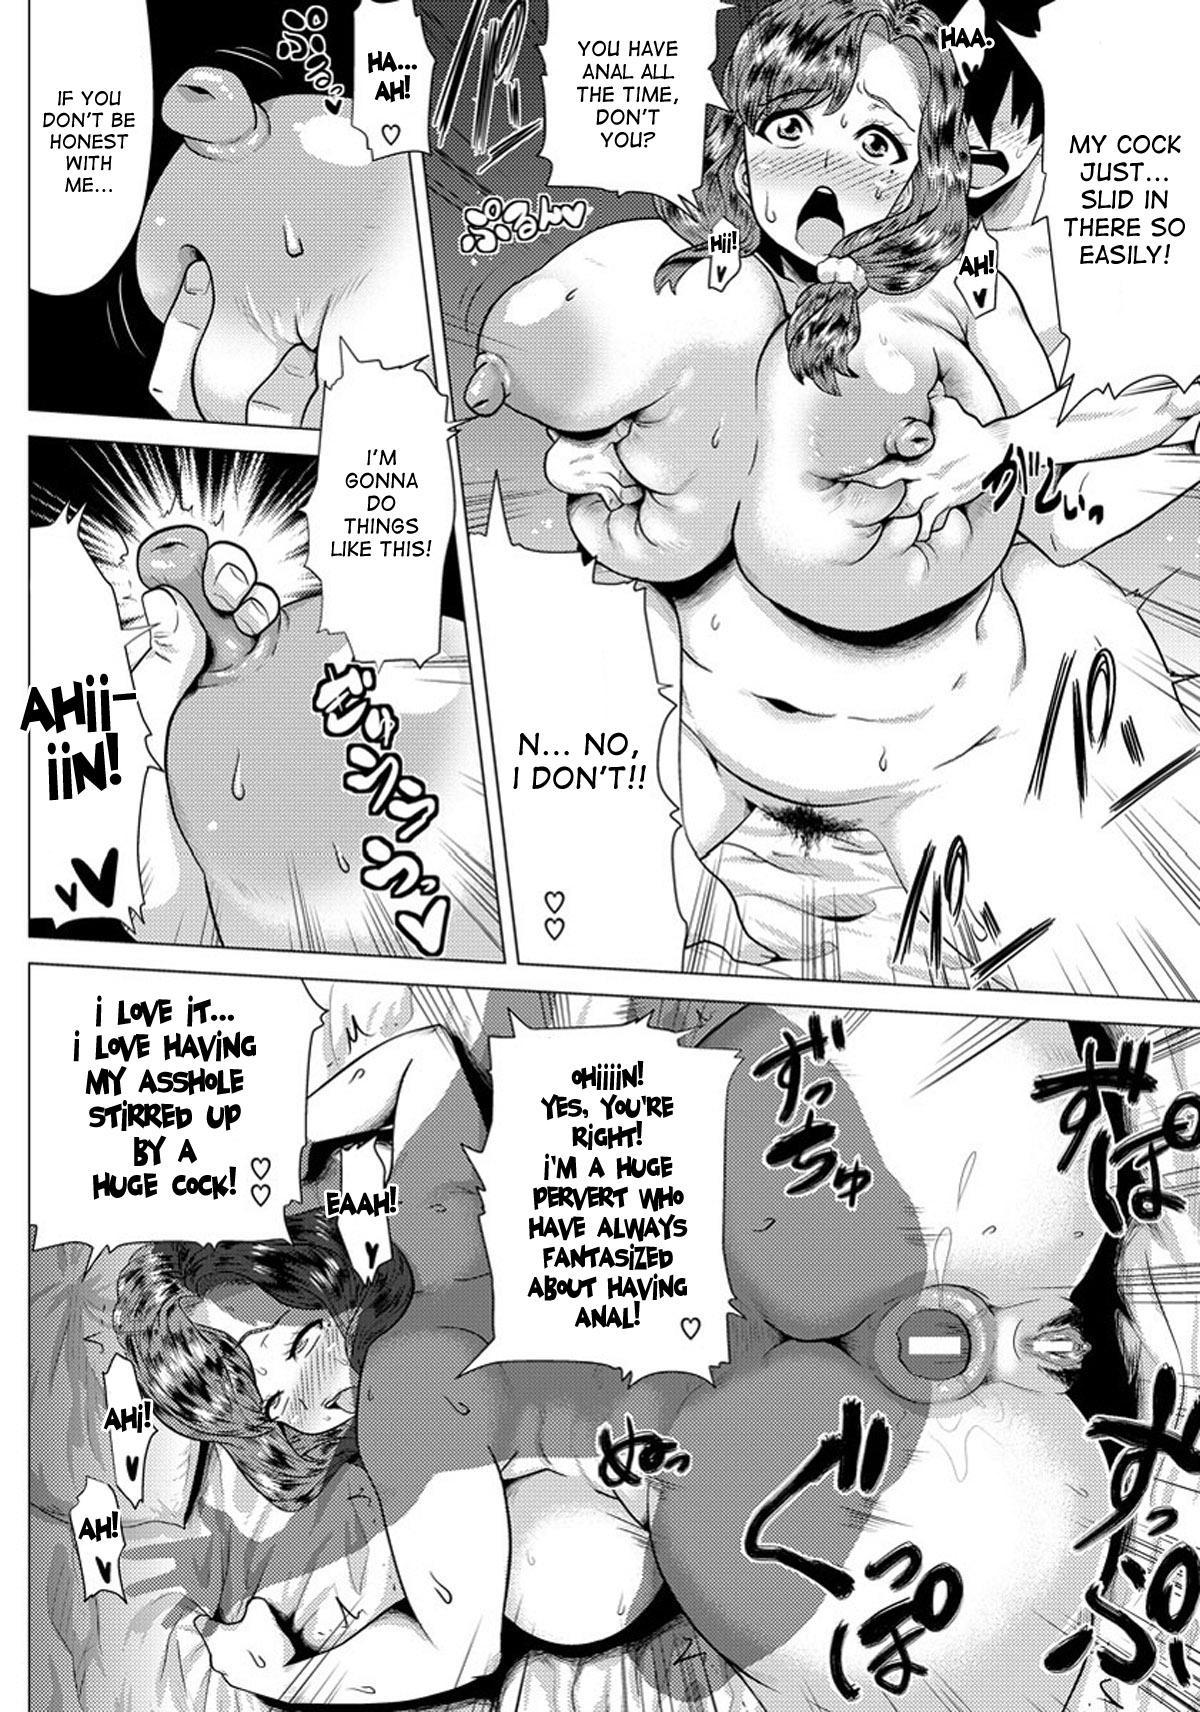 [Yokkora] Megabody Night ~Watashi no Oniku wo Meshiagare~ | Megabody Night ~My voluptuous body & mom love~ [English] {Laruffi + desudesu + EHCOVE} 56